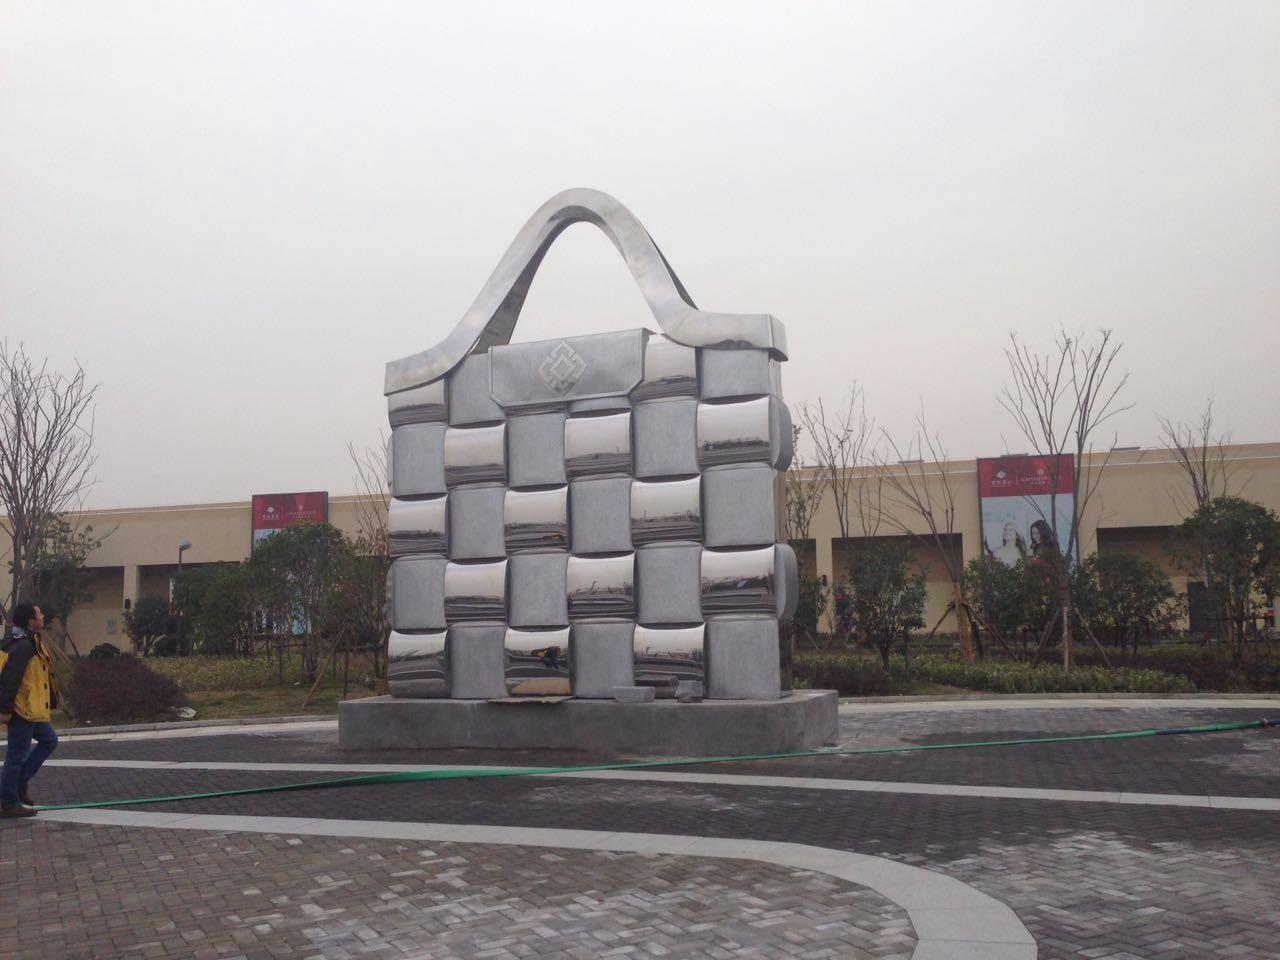 玻璃钢雕塑艺术在城市建设中的应用